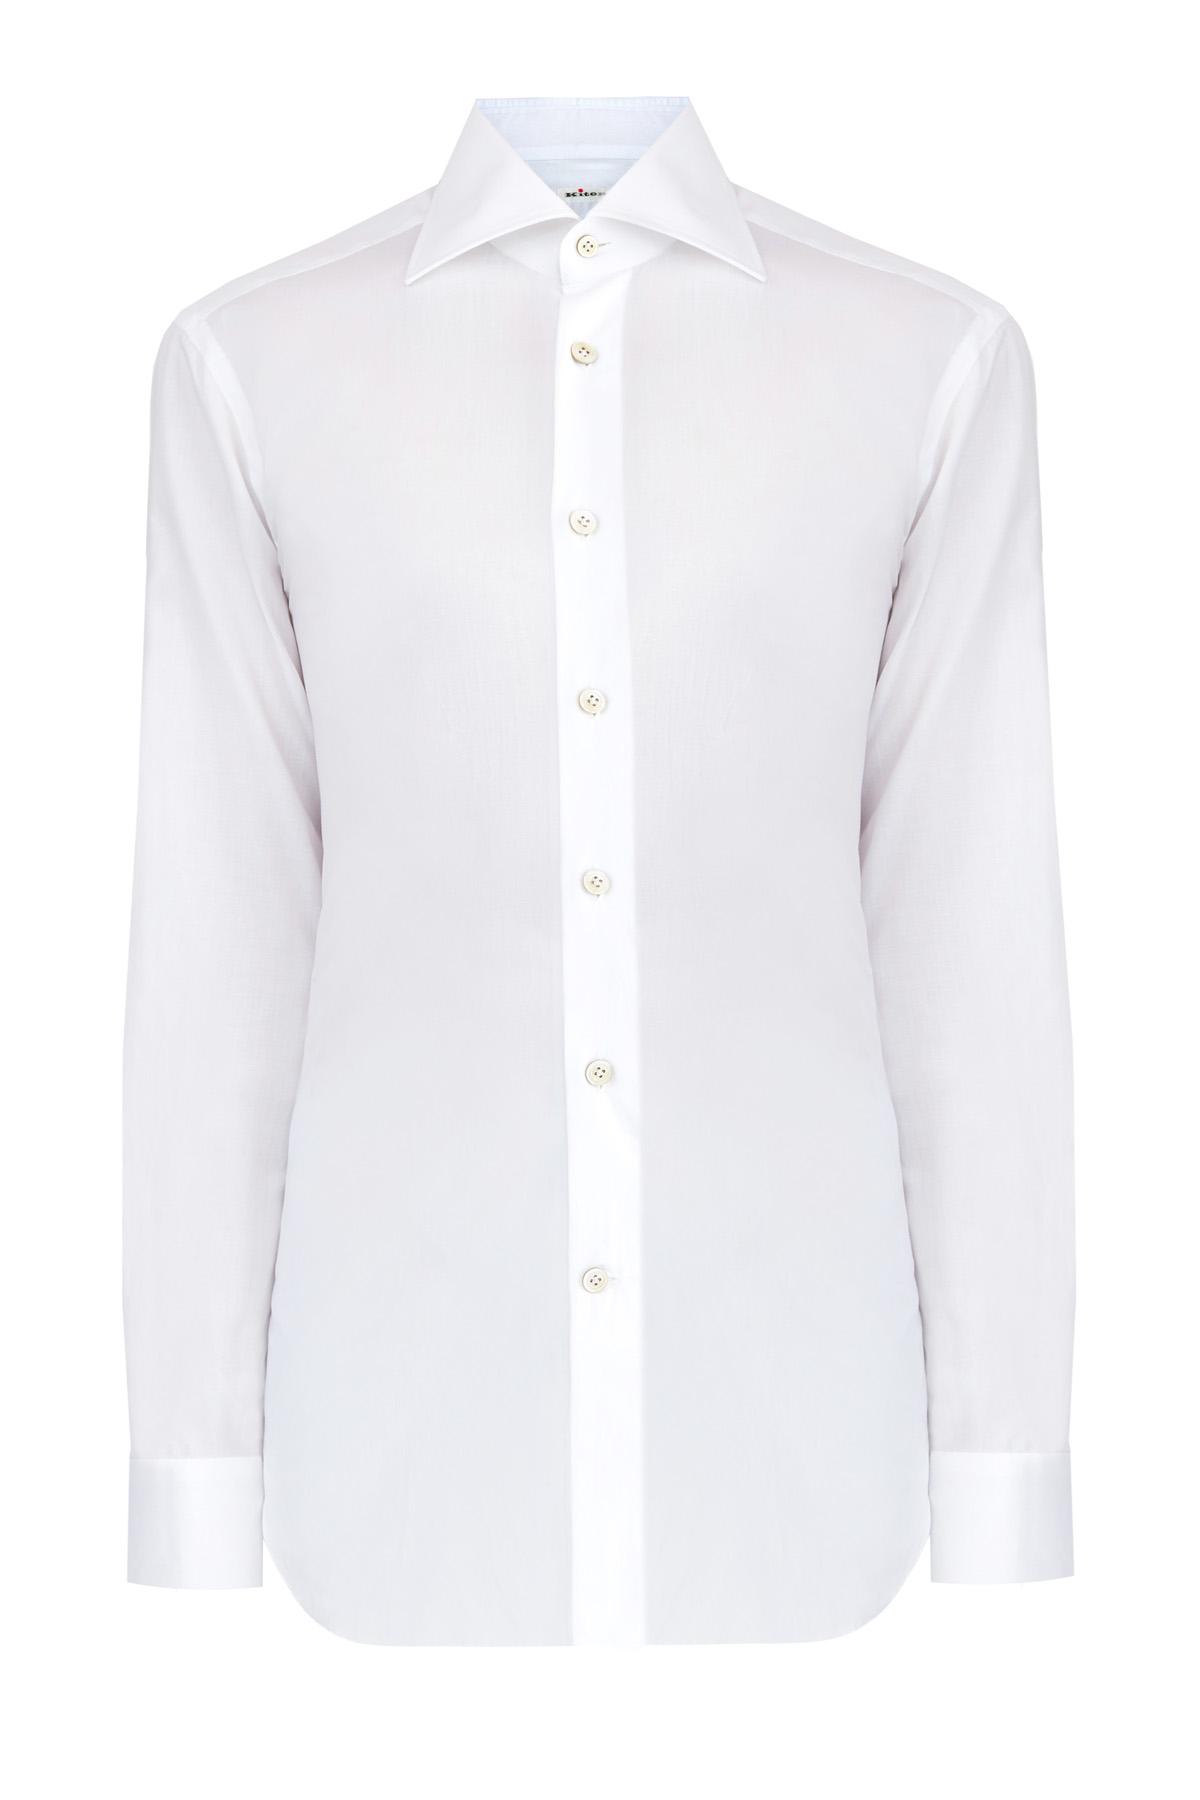 Классическая белая рубашка с пуговицами из перламутра фото